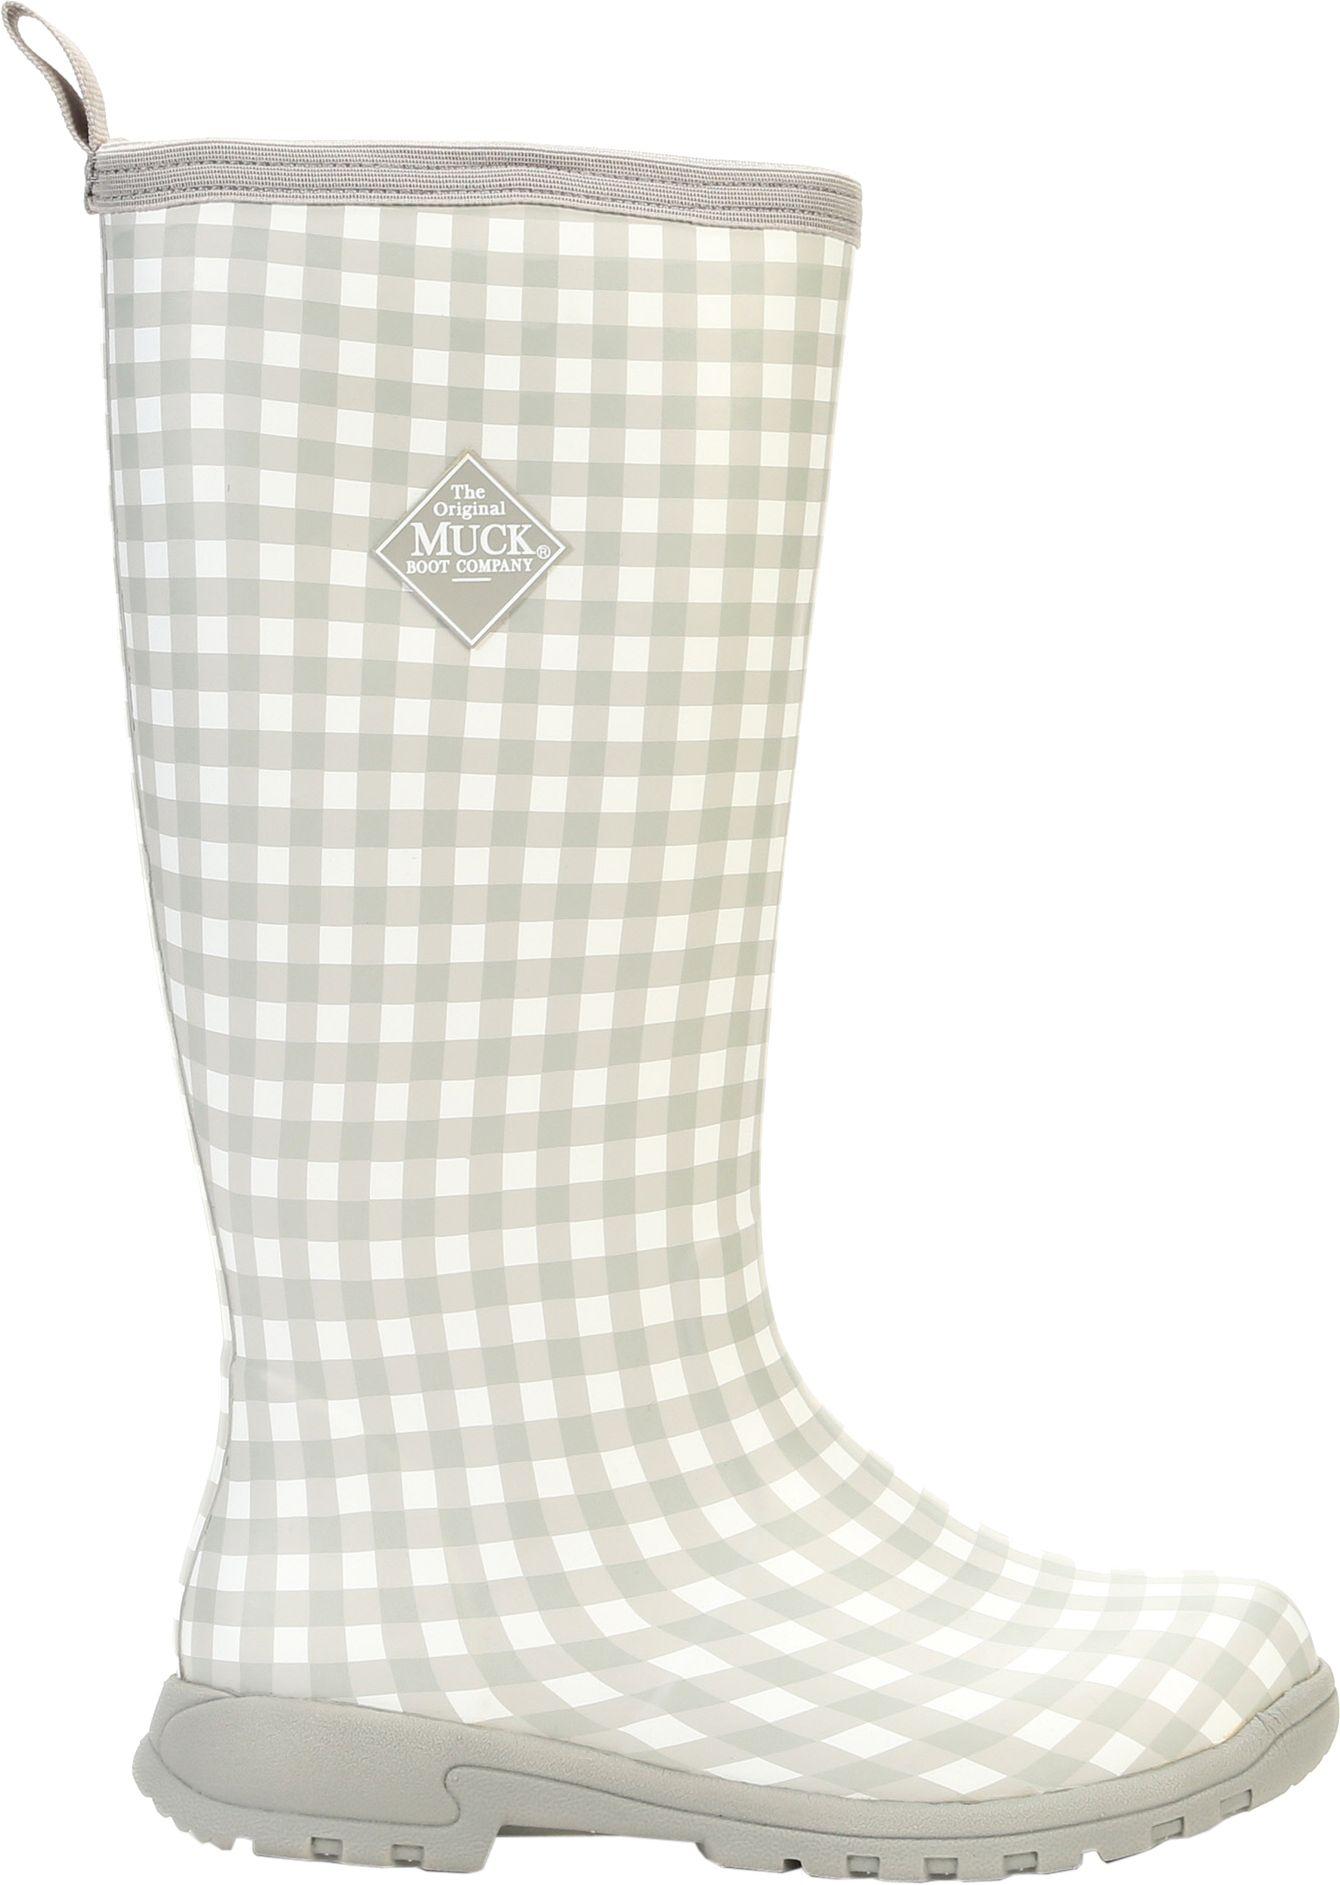 Muck Boot Women's Breezy Tall Insulated Rain Boots | DICK'S ...